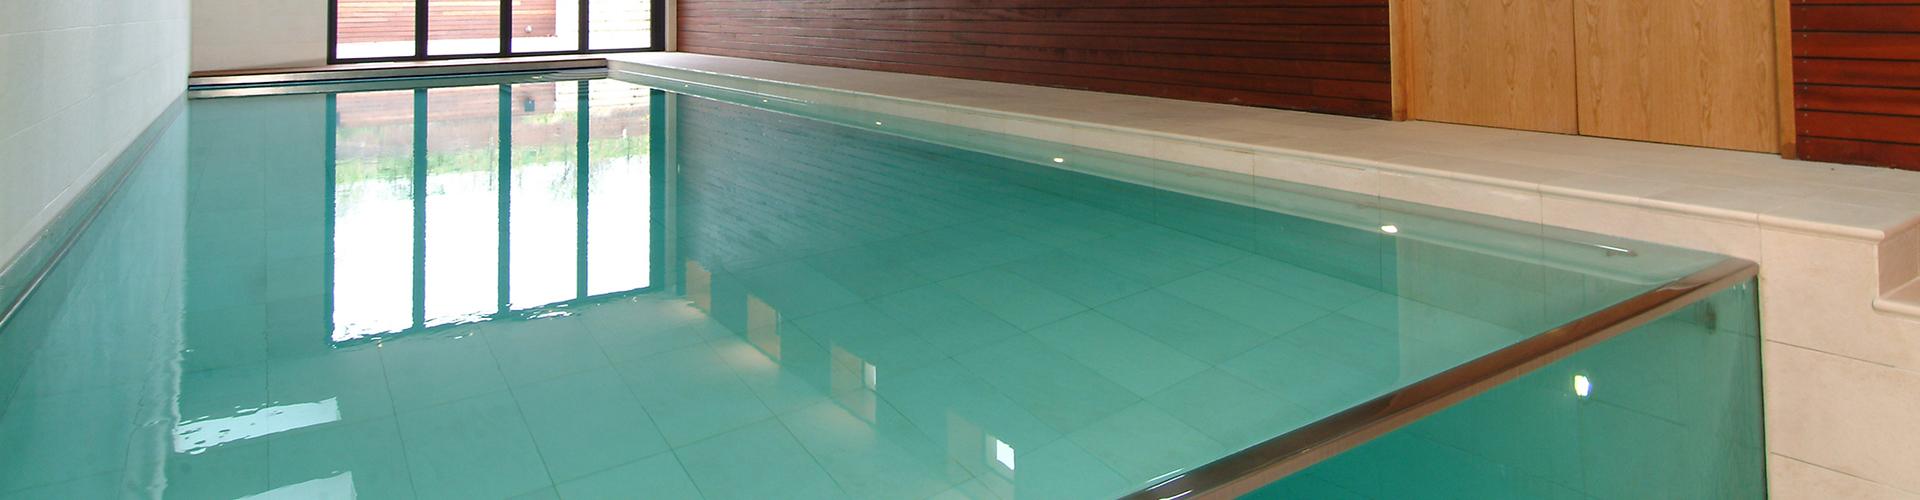 Constructeur de piscine int rieure centerspas for Piscine bord miroir